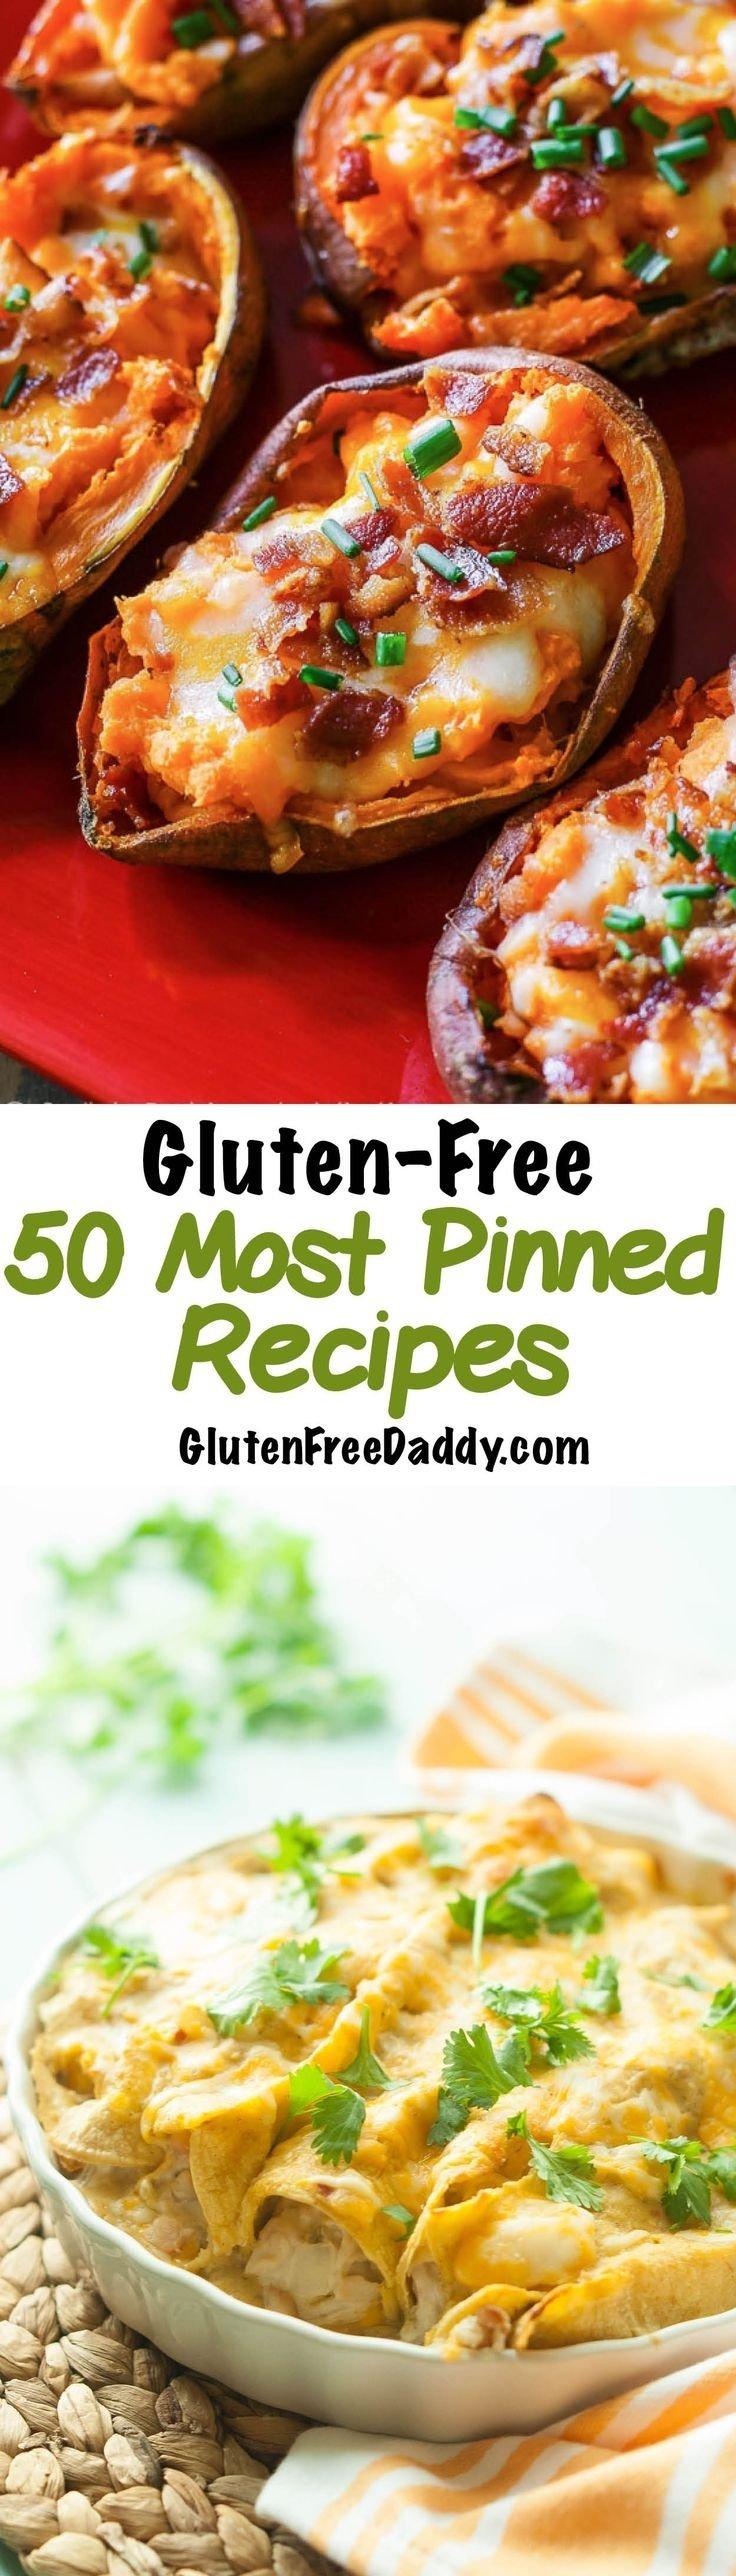 10 Lovable Gluten Free Fast Food Ideas les 42 meilleures images du tableau gluten free sur pinterest 2020